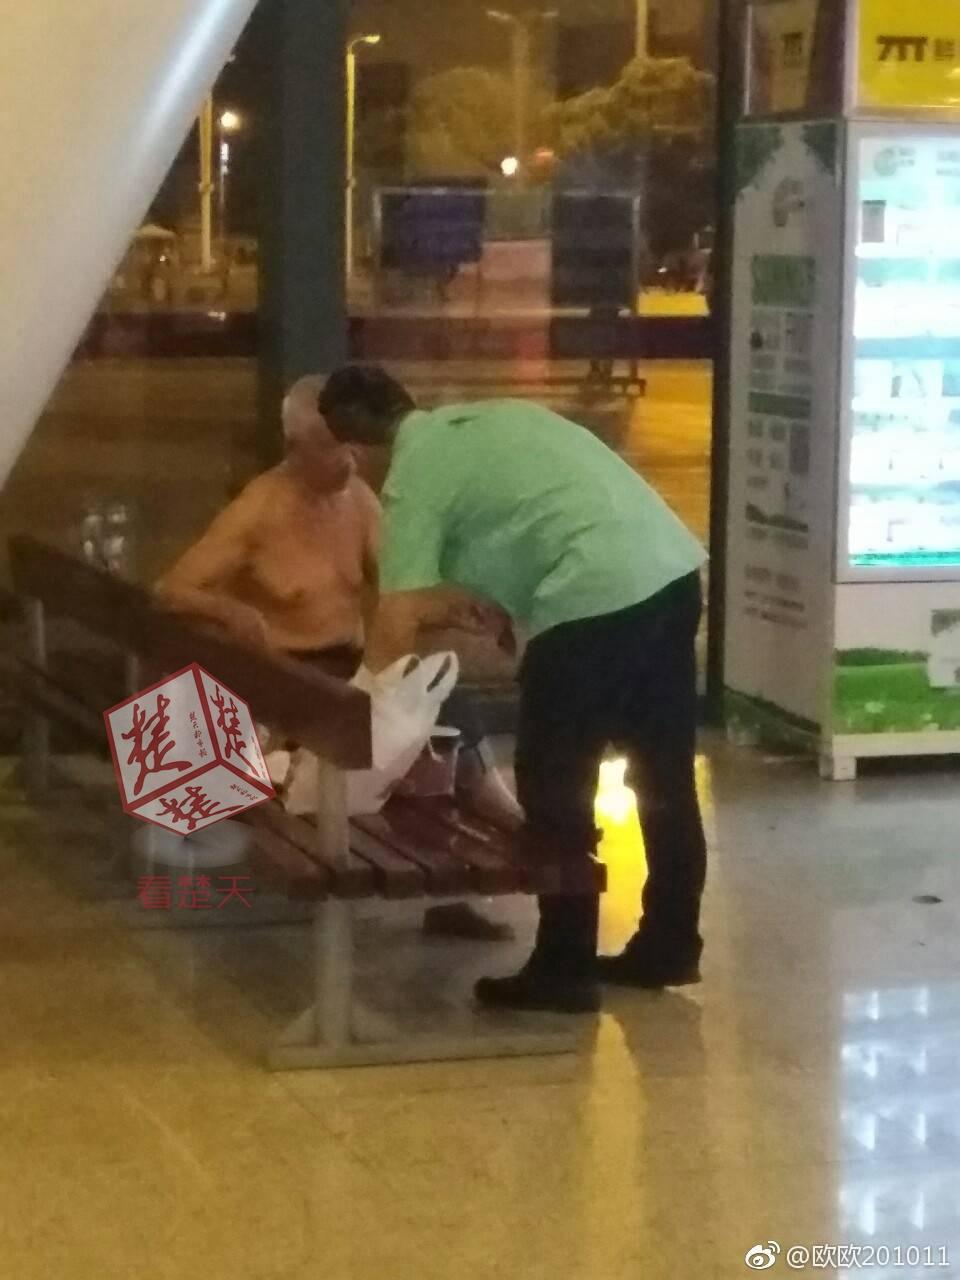 老人快餐店内乞讨 店员将其请出店后送上一份快餐